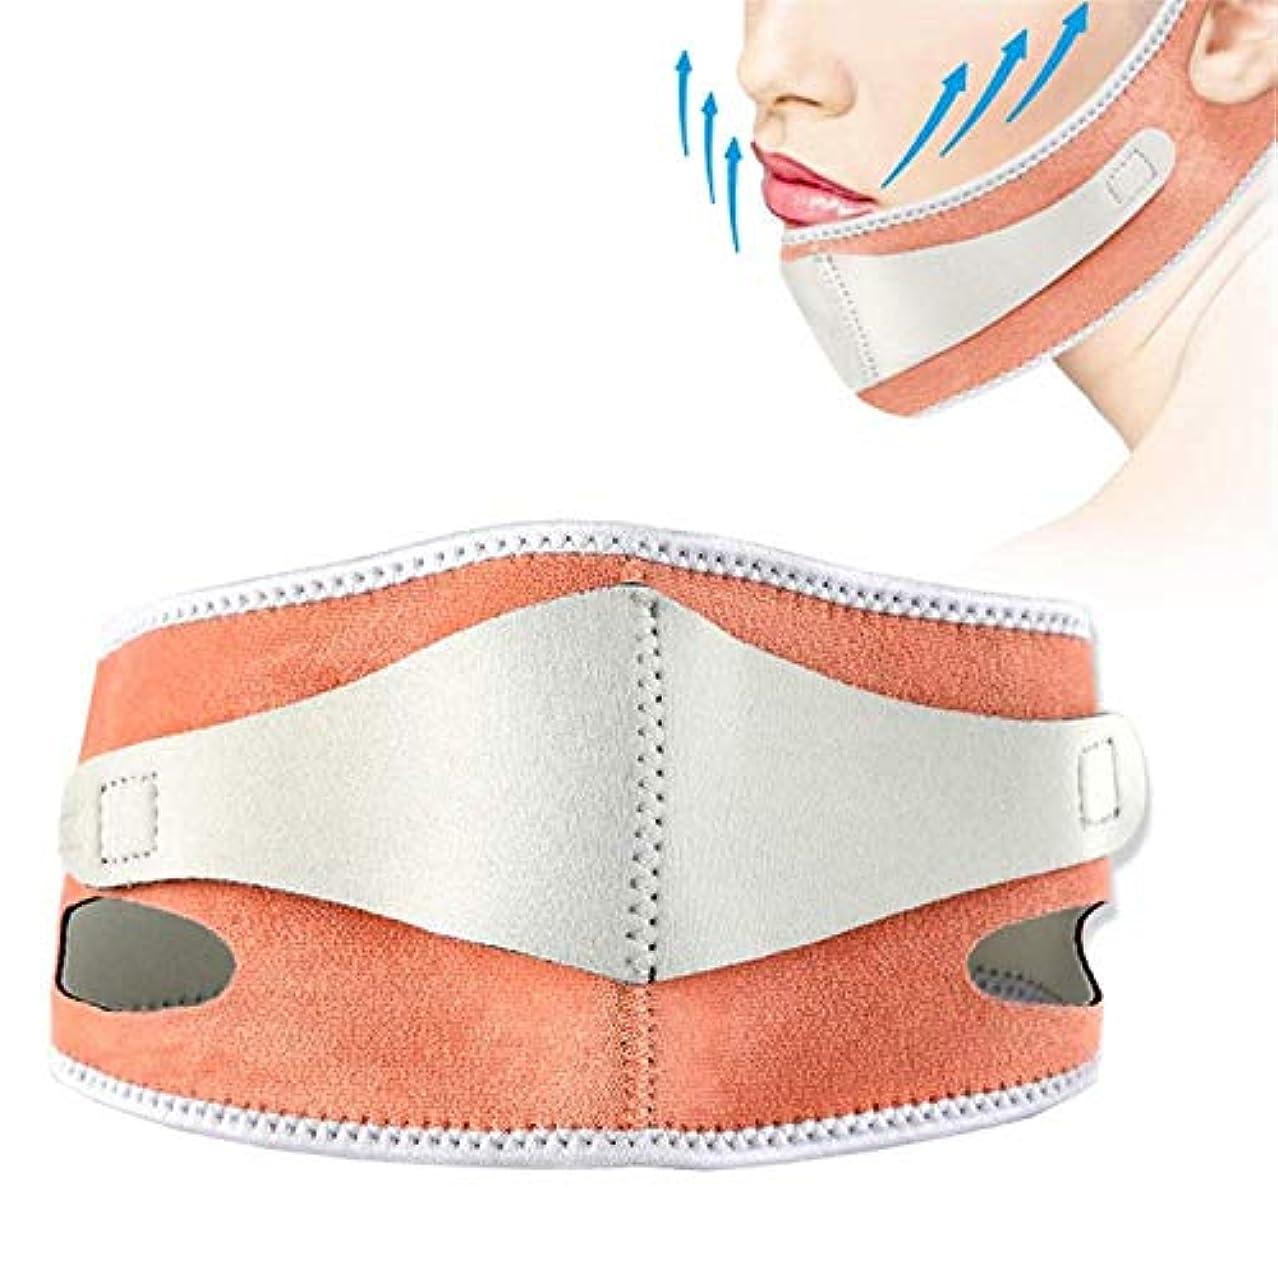 唯一検体冷笑するフェイシャルスリミングベルト、Vフェイスシェイピングベルト、頬補強ベルト、美容弾性スリーブ薄い顔術後回復包帯、減量包帯を削除するには二重あご、フェイスリフト減量睡眠マスク包帯